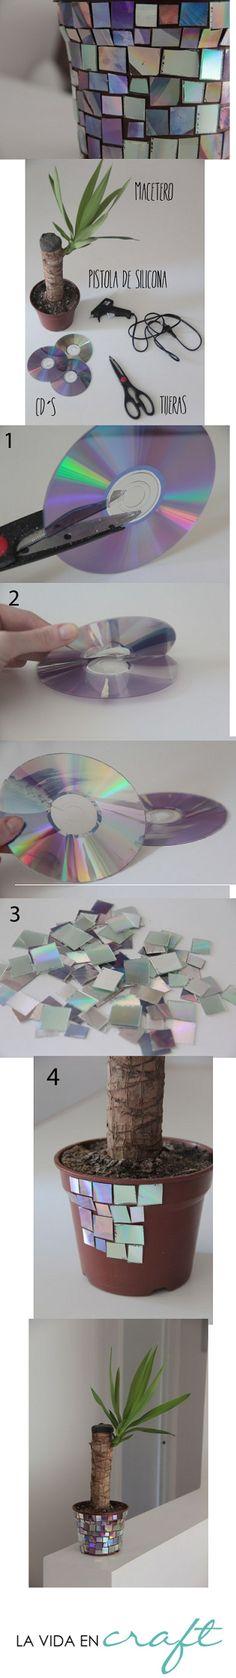 Macetero disco   http://lavidaencraft.com/2013/02/01/macetero-disco/